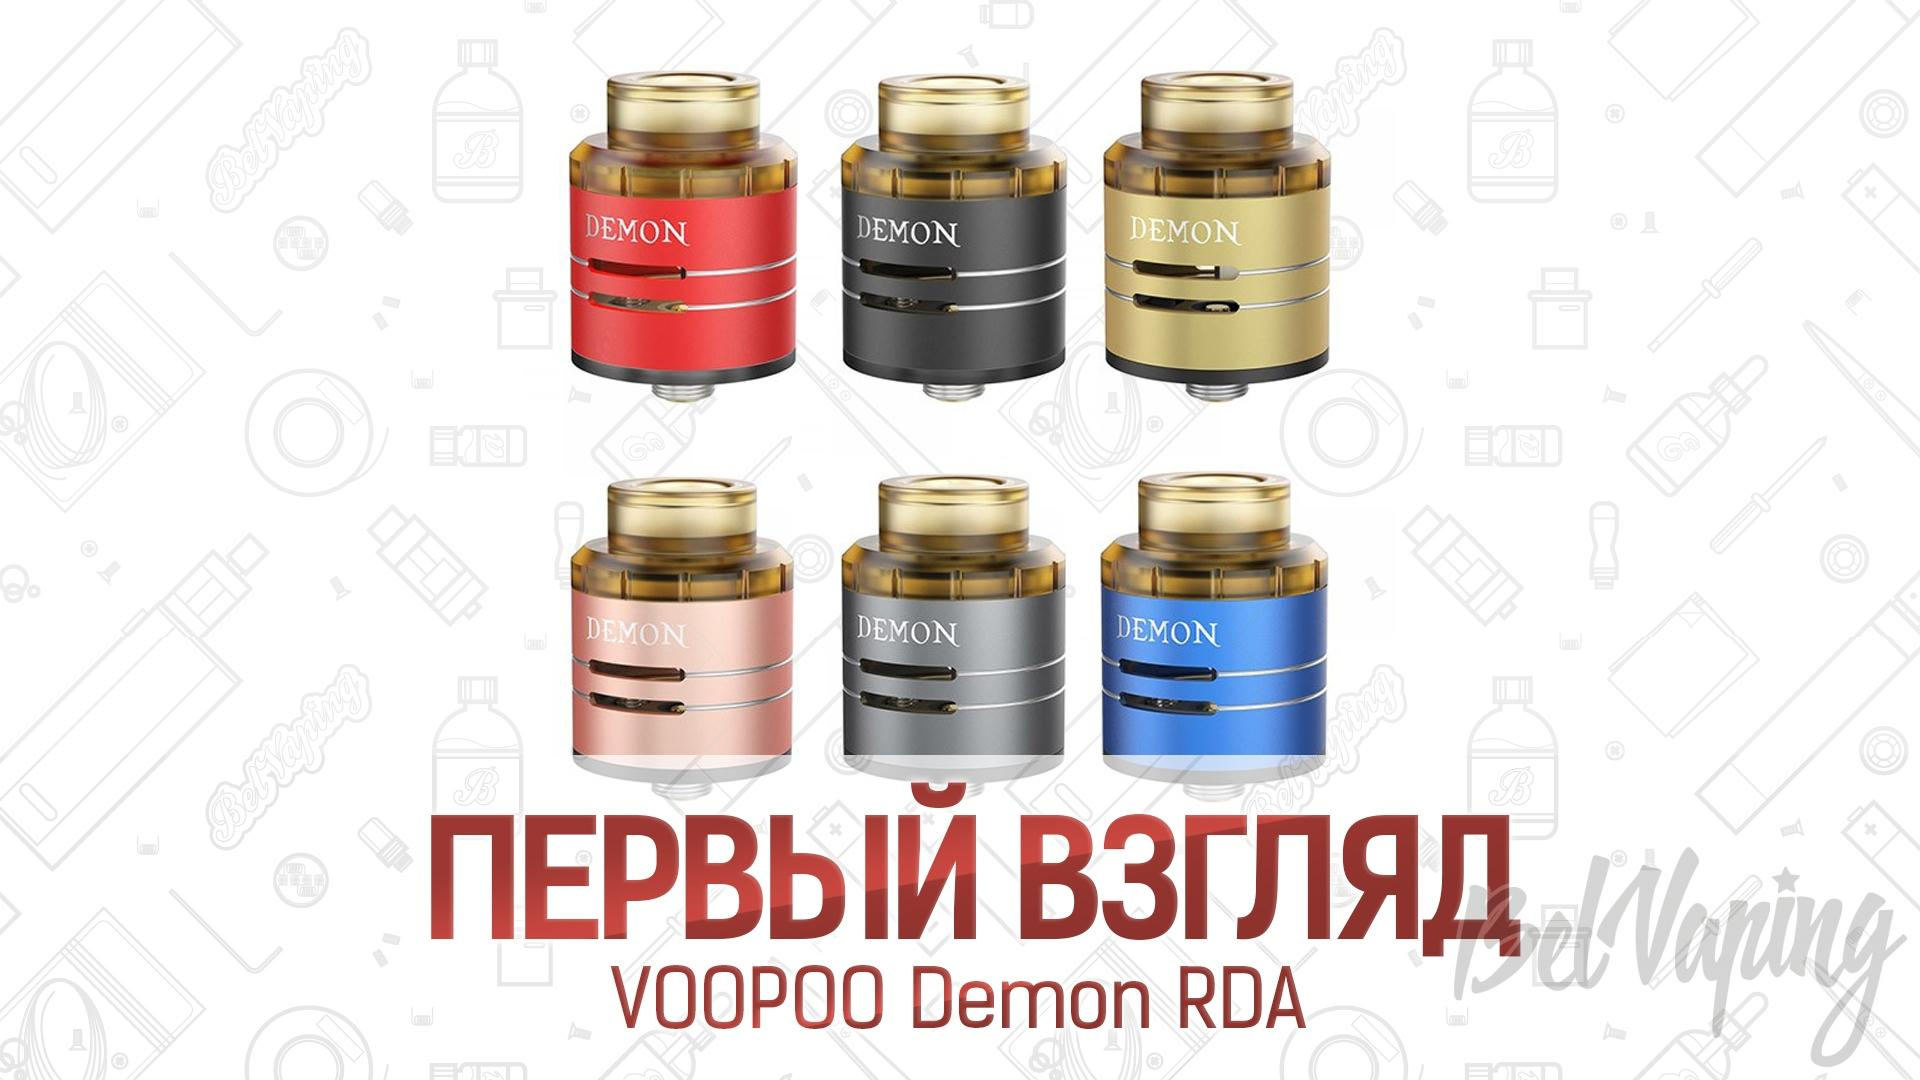 VOOPOO Demon RDA. Первый взгляд